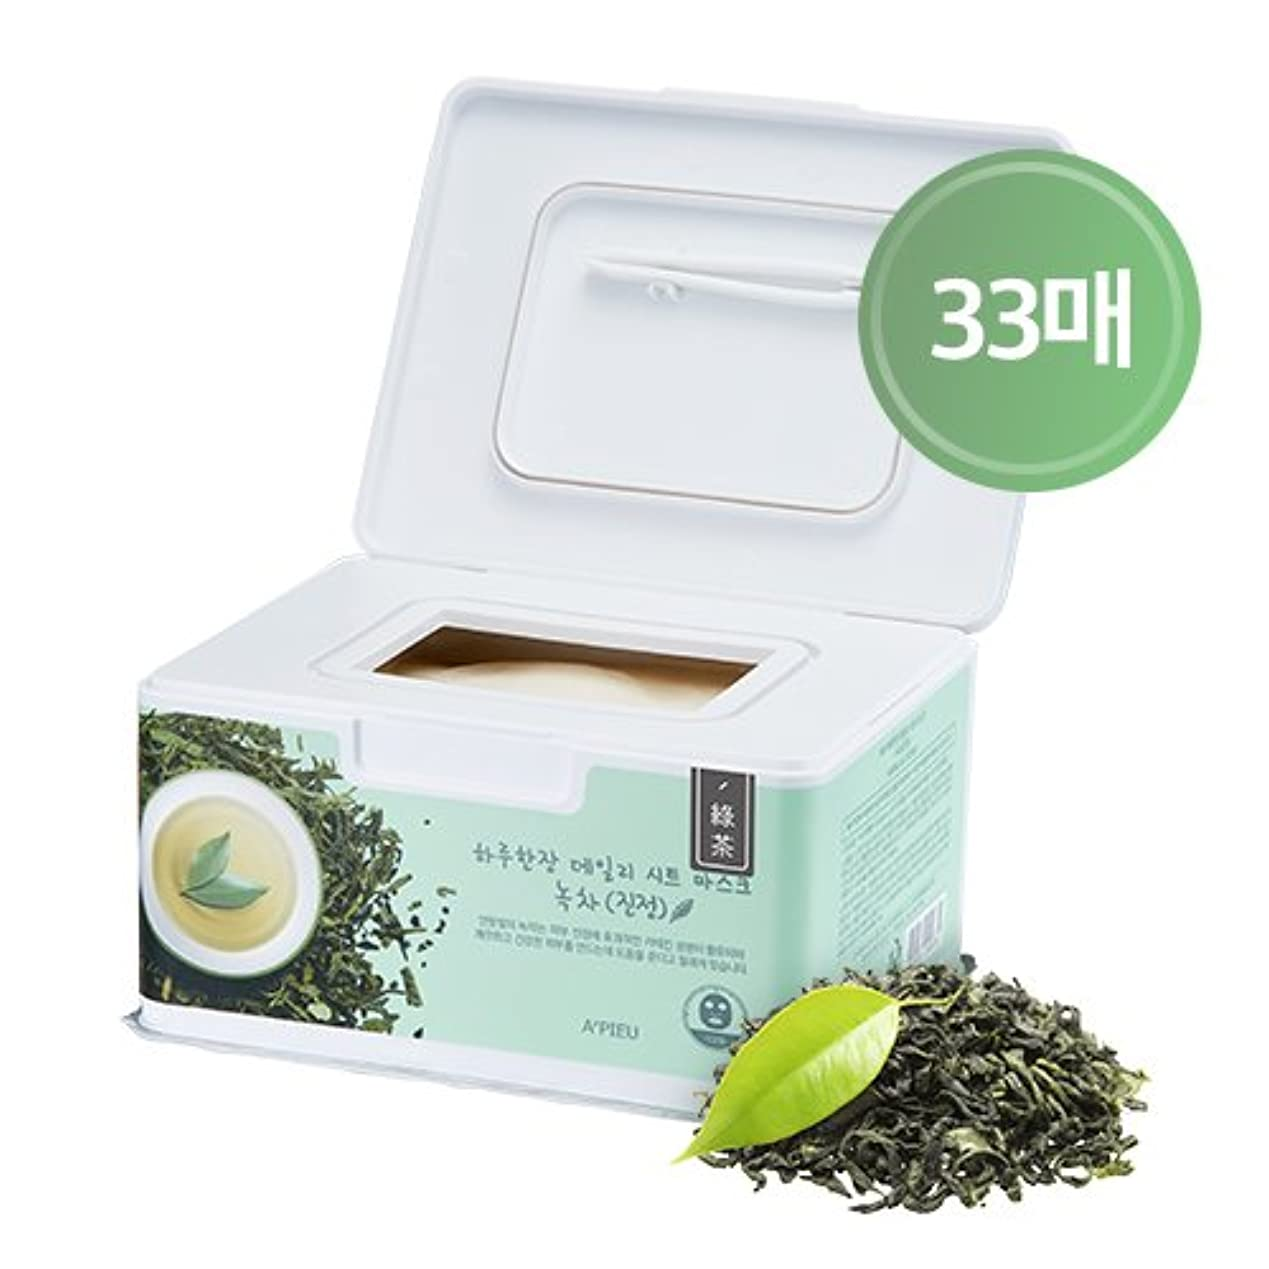 政治家の保全うぬぼれたAPIEU DAILY Sheet Mask Green Tea (Soothing) / [オピュ/アピュ] デイリーシートマスク_緑茶 (スージング) [並行輸入品]